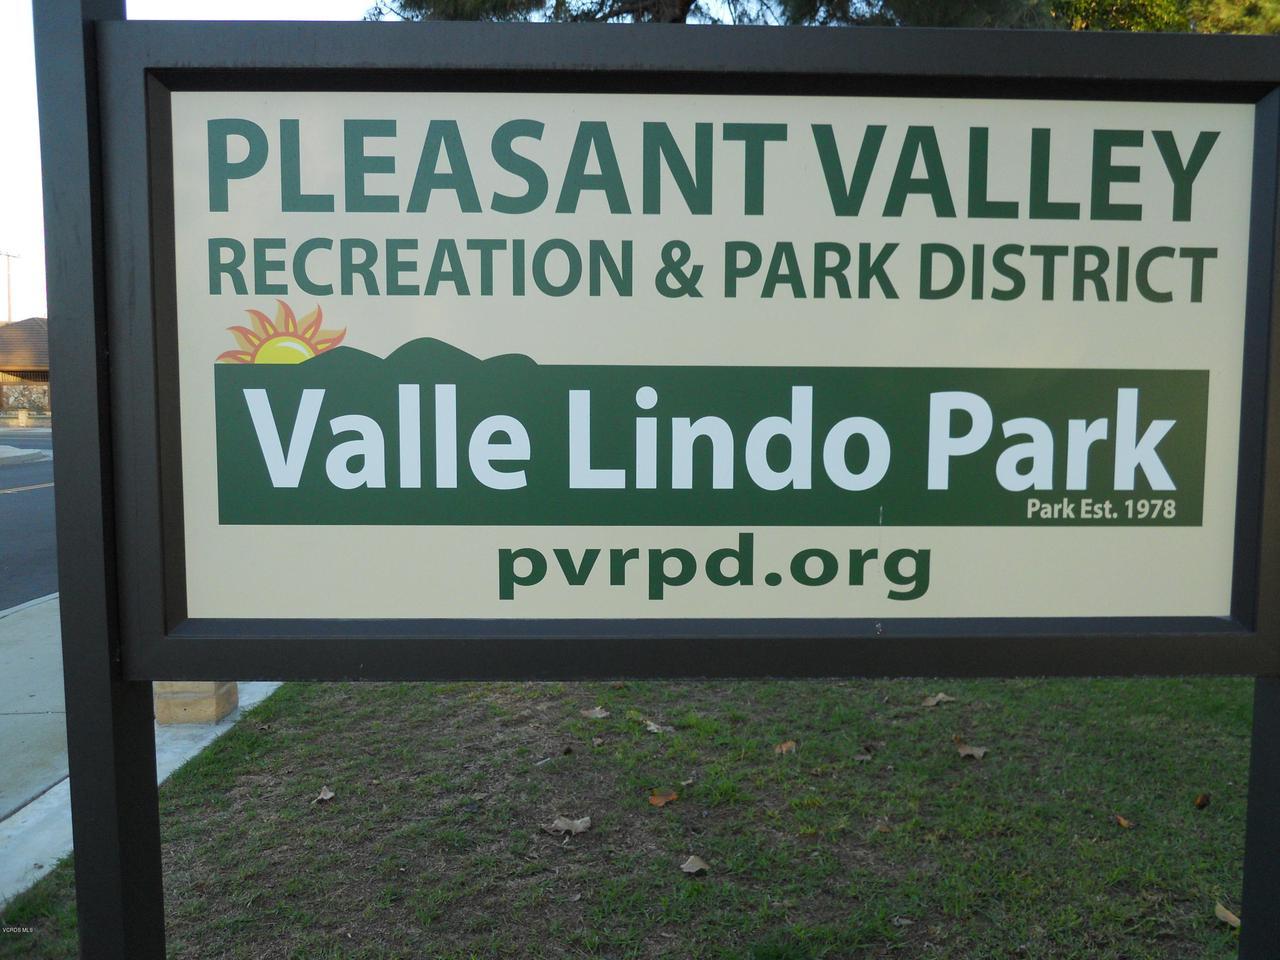 1207 SEYBOLT, Camarillo, CA 93010 - Nearby Park